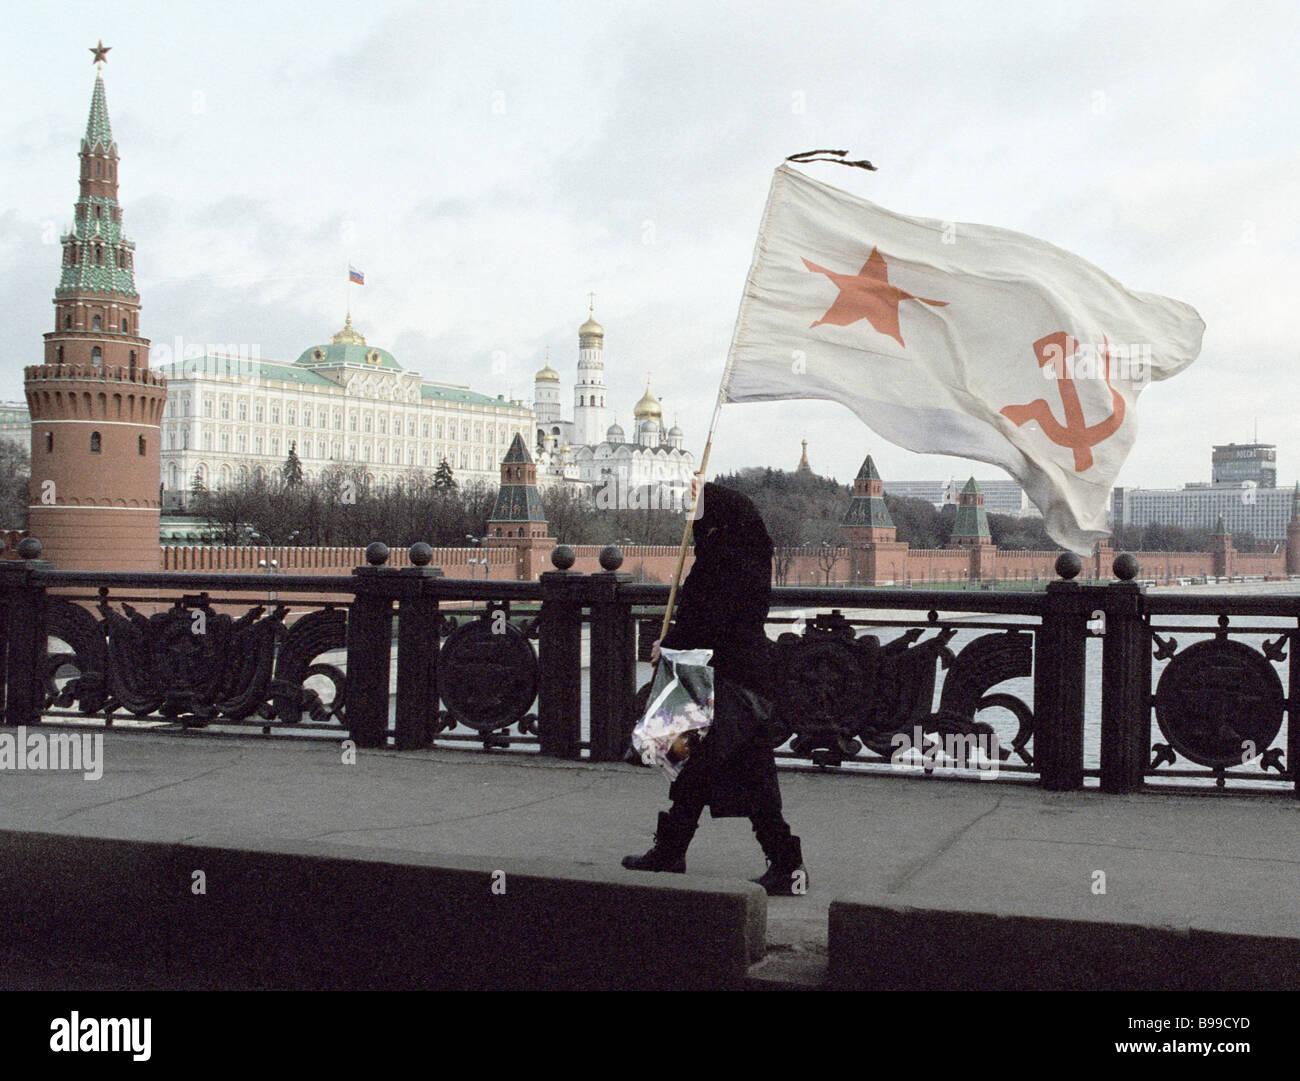 Incontri bandiere rosse a cercare in una donna